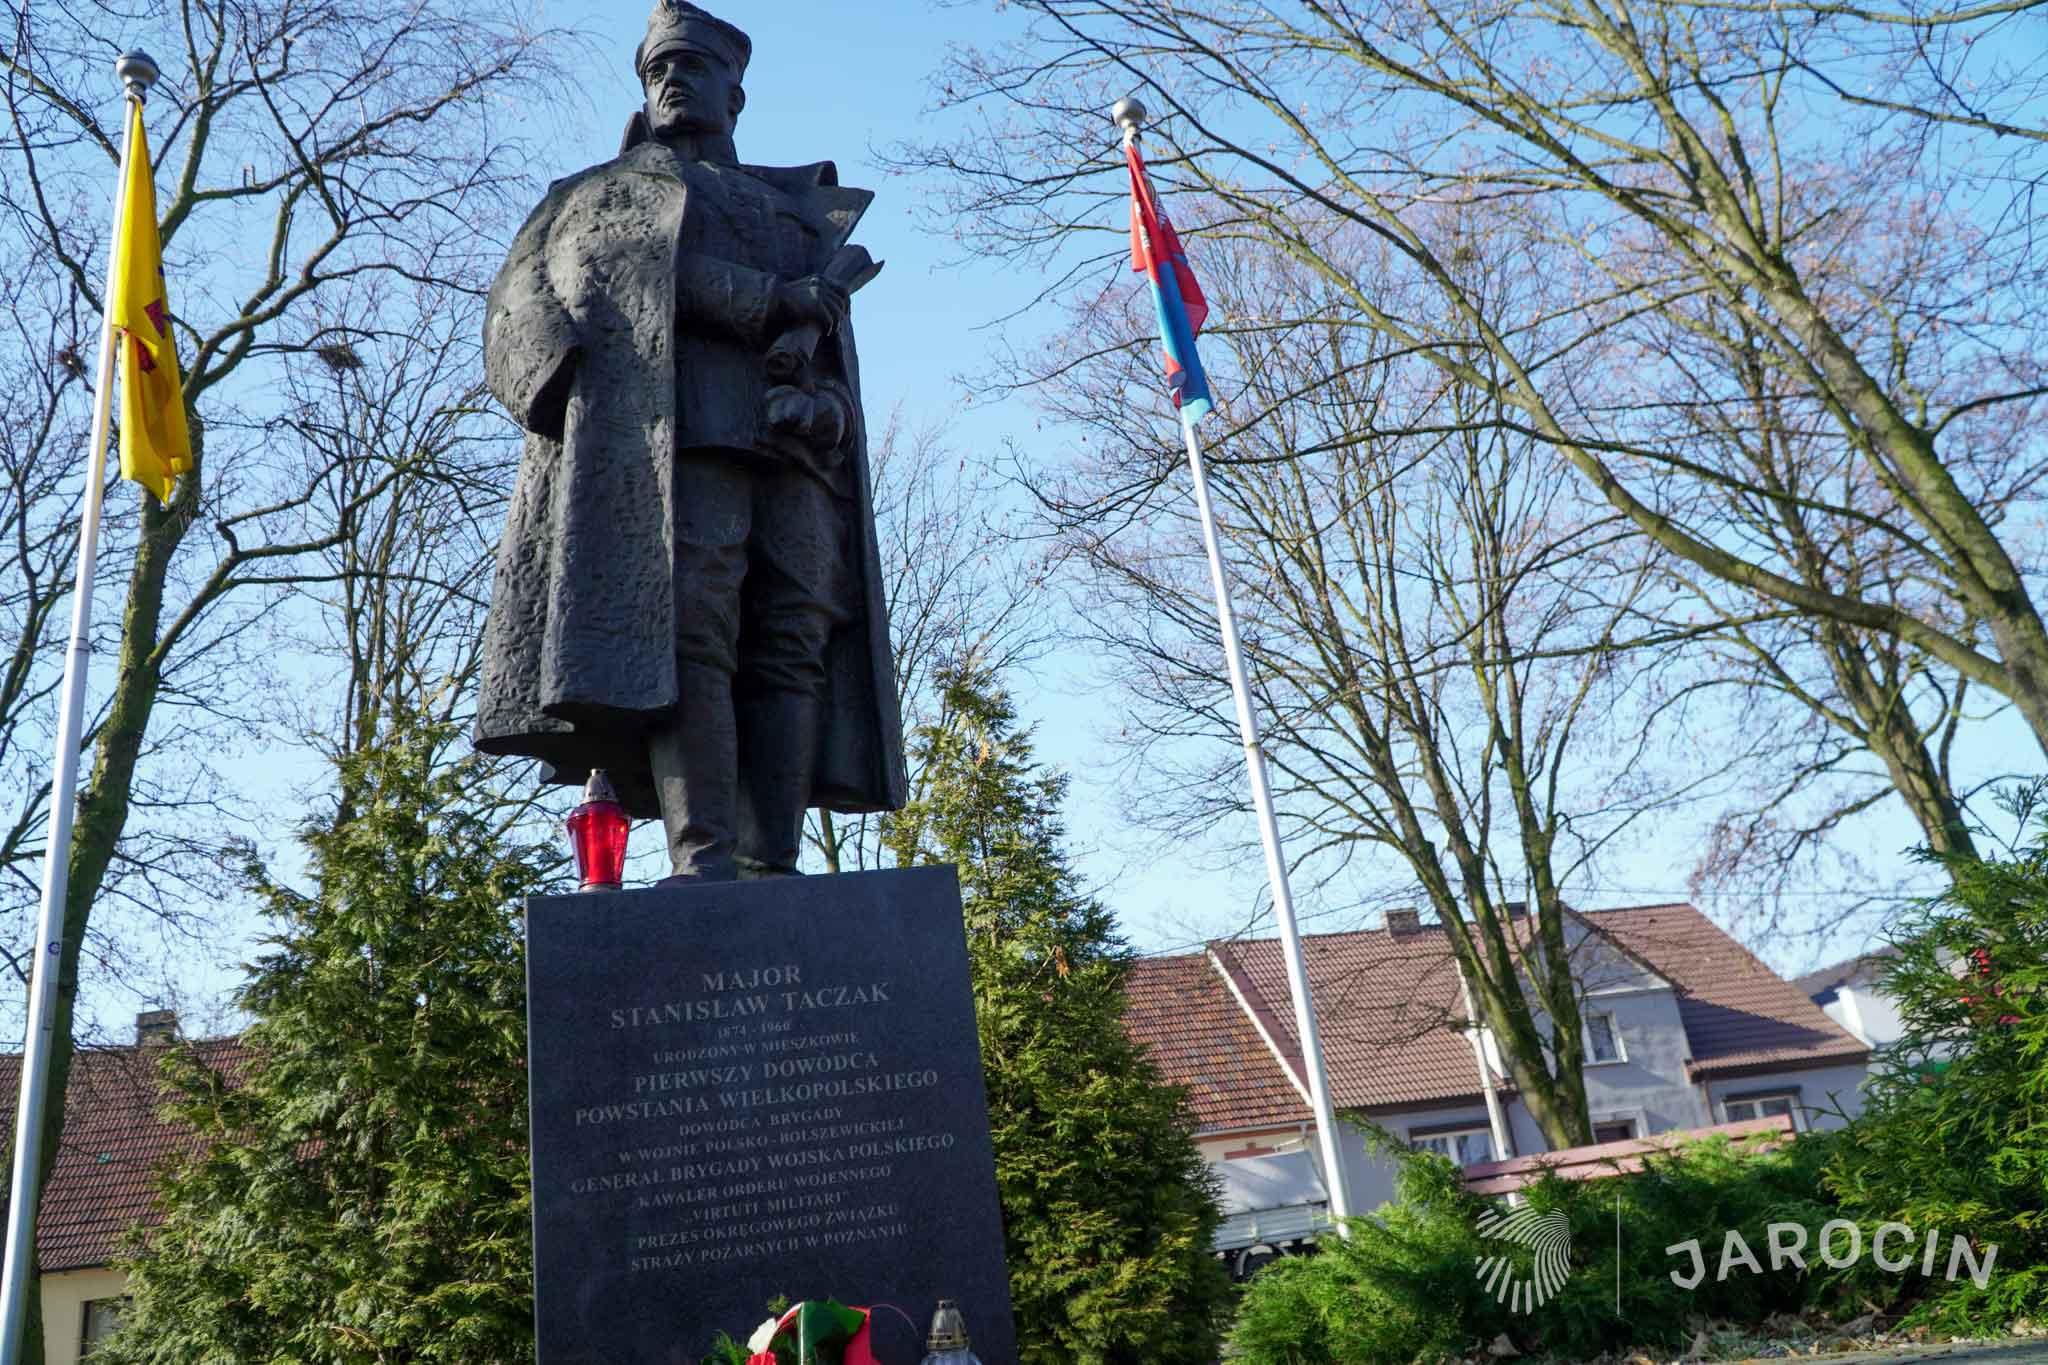 W Mieszkowie uczcili rocznicę śmierci generała Taczaka - Zdjęcie główne